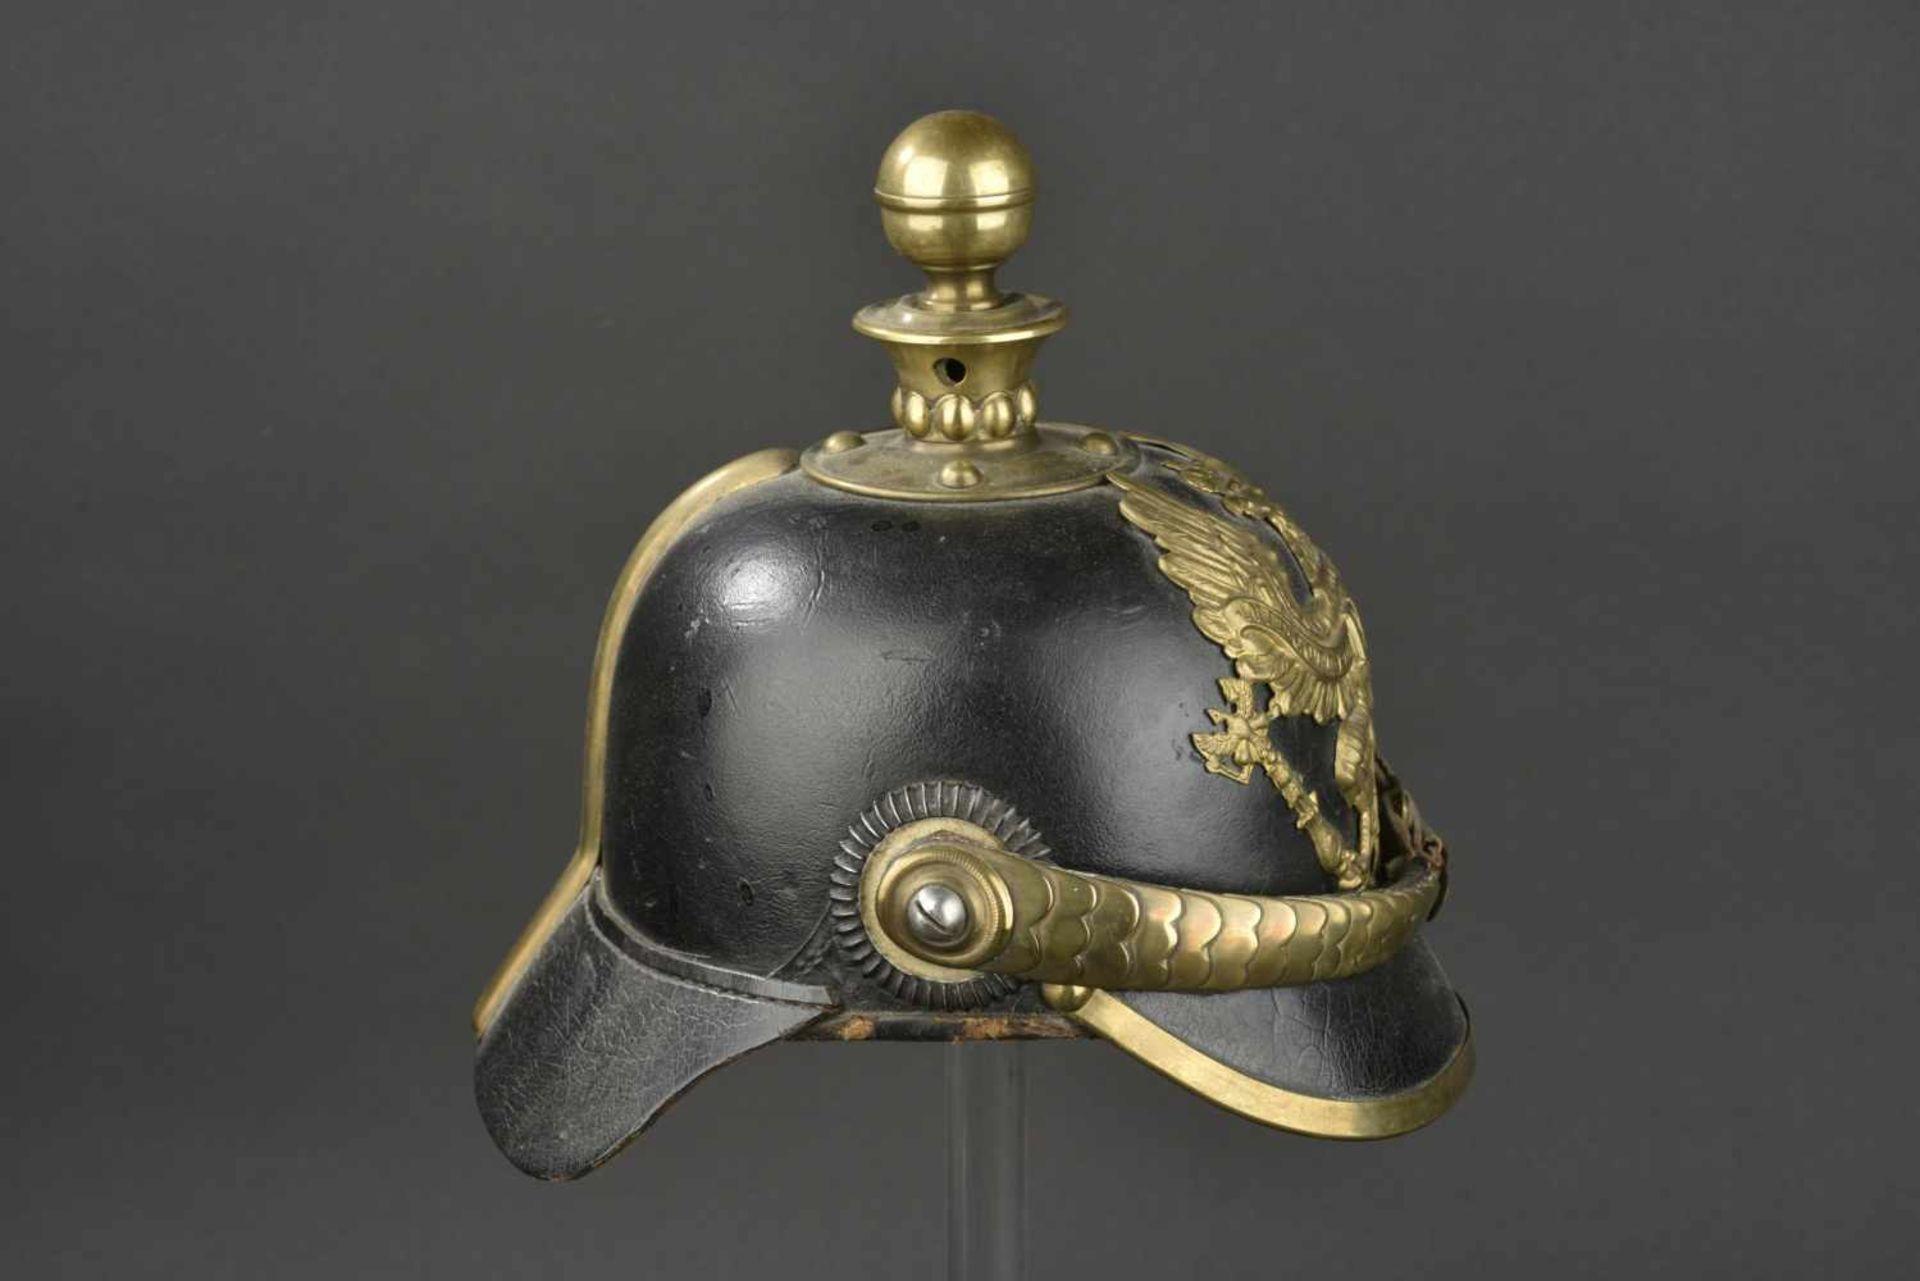 PRUSSE Casque d'artilleur modèle 1871 Bombe en cuir épais, Garnitures laiton. Ce type de casque se - Bild 3 aus 4